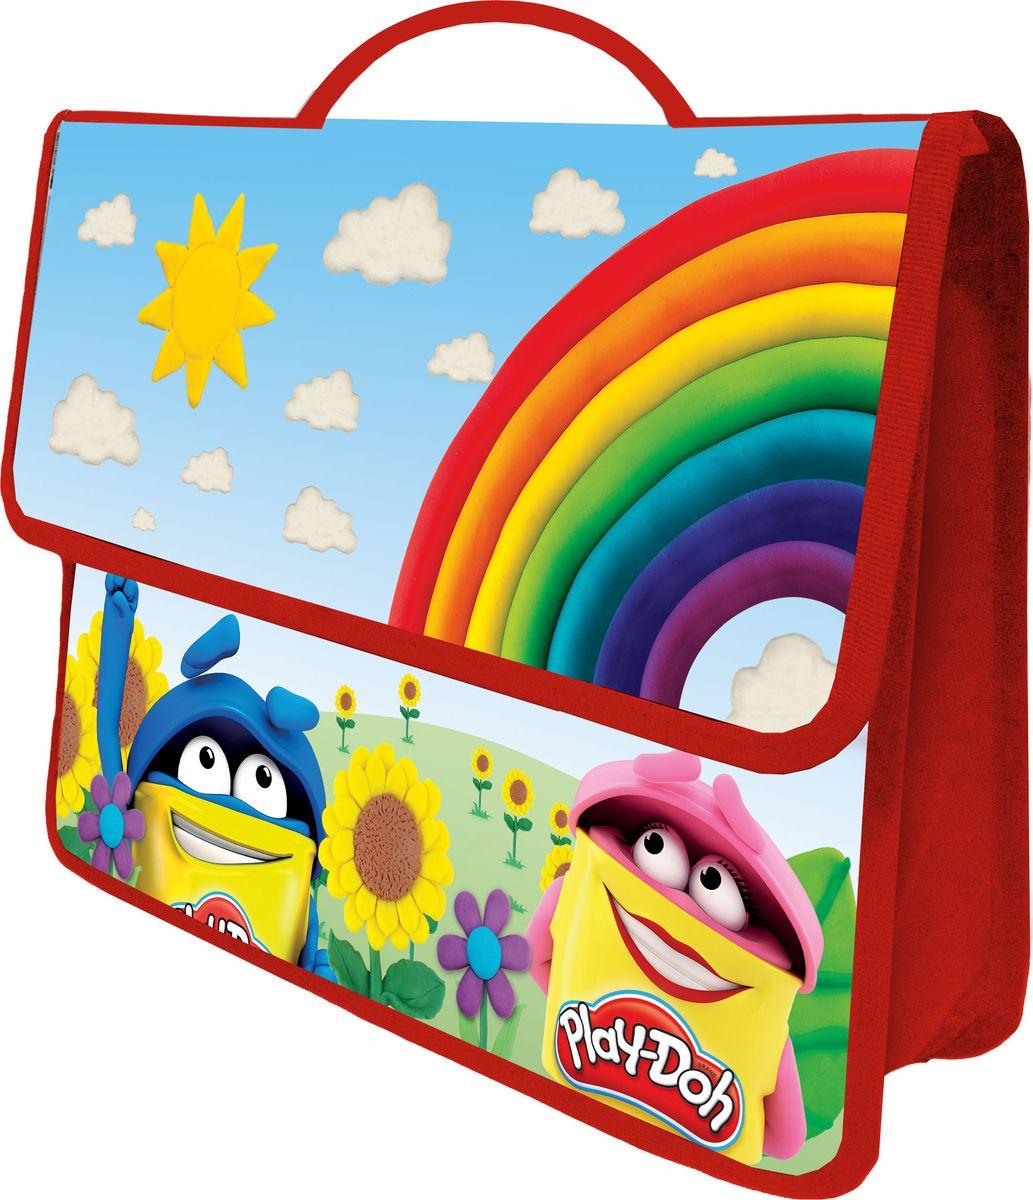 Play-Doh Многофункциональная папка-портфель А4 цвет красныйPDEB-US1-PTEA4Многофункциональная папка А4 формата используется для хранения различных документов, детских рисунков или канцелярских принадлежностей. Застегивается на липучку, папка оснащена удобными текстильными ручками для ношения в руке. Толщина пластика: 0,5 мм. Печать: CMYK 4 + 0. Размер 26 х 32,5 х 9 см.